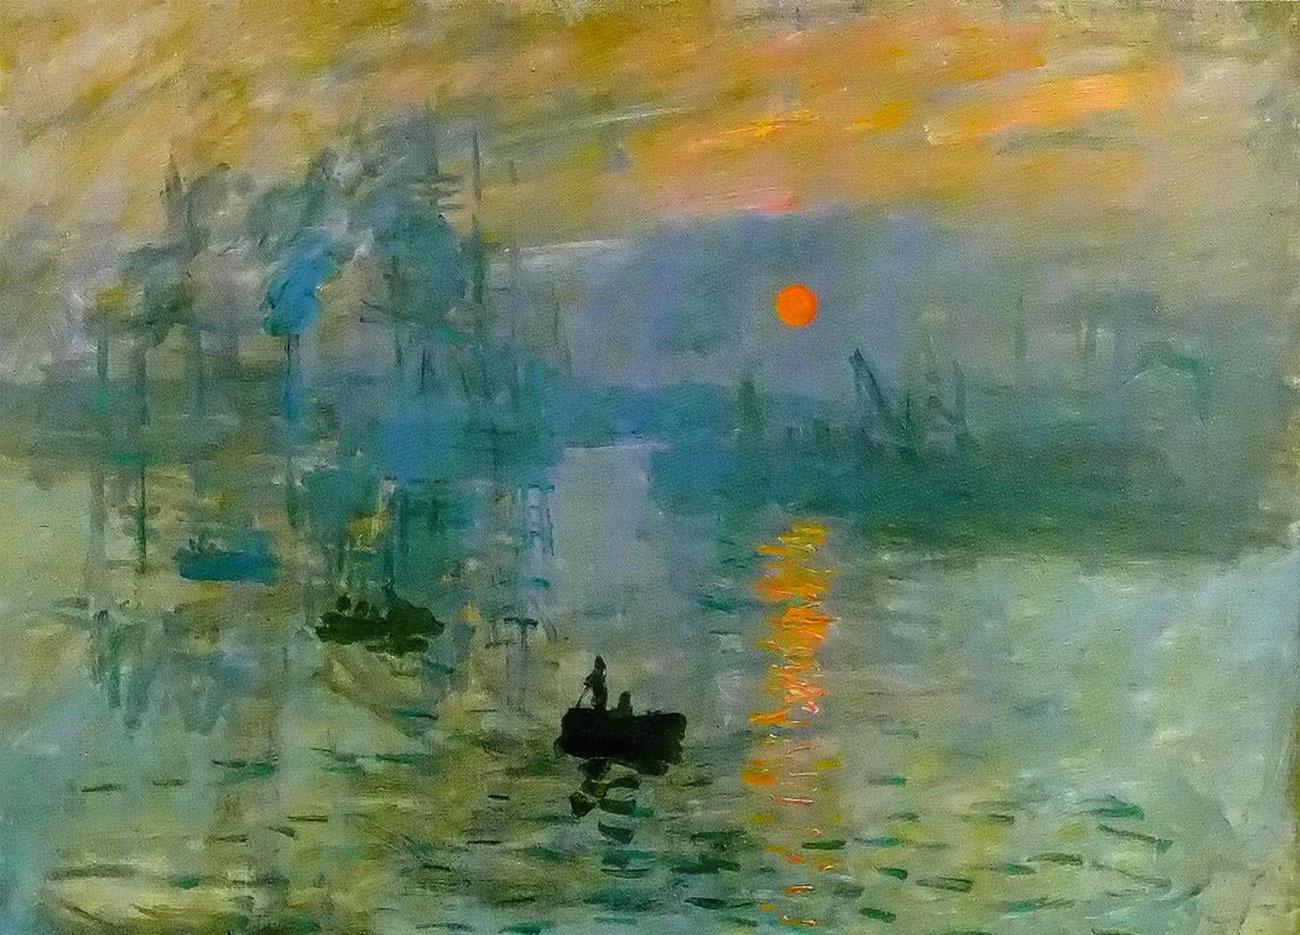 Claude Monet, Impression, soleil levant, 1872 (Impressione, levar del sole)